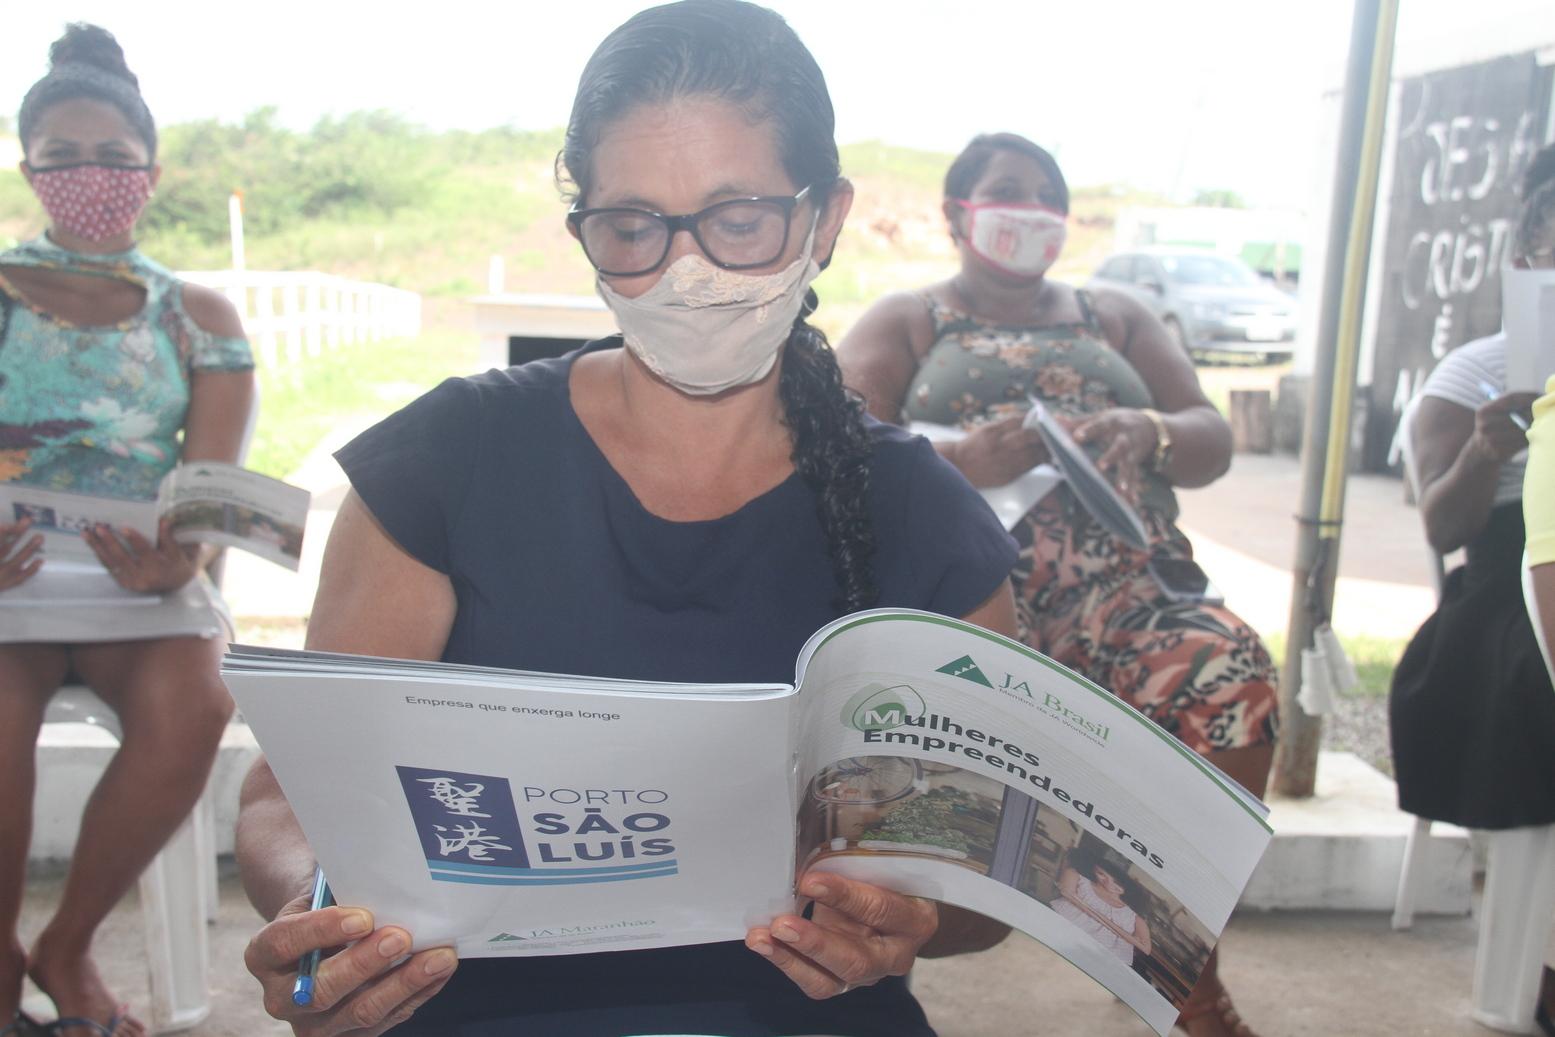 Foto 2 – As alunas acompanharam as aulas e também receberam uma apostila com todas as informações sobre gestão de negócios – Foto: Divulgação